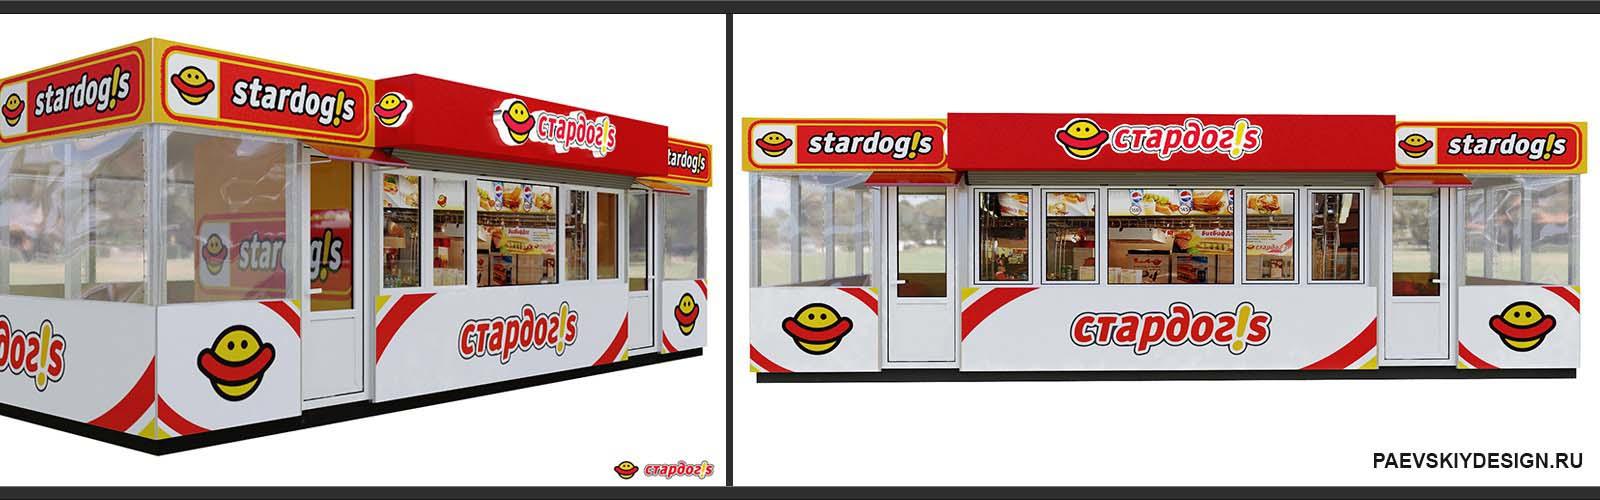 Дизайн мини кафе - стрит фуд кафе StarDogs в Москве